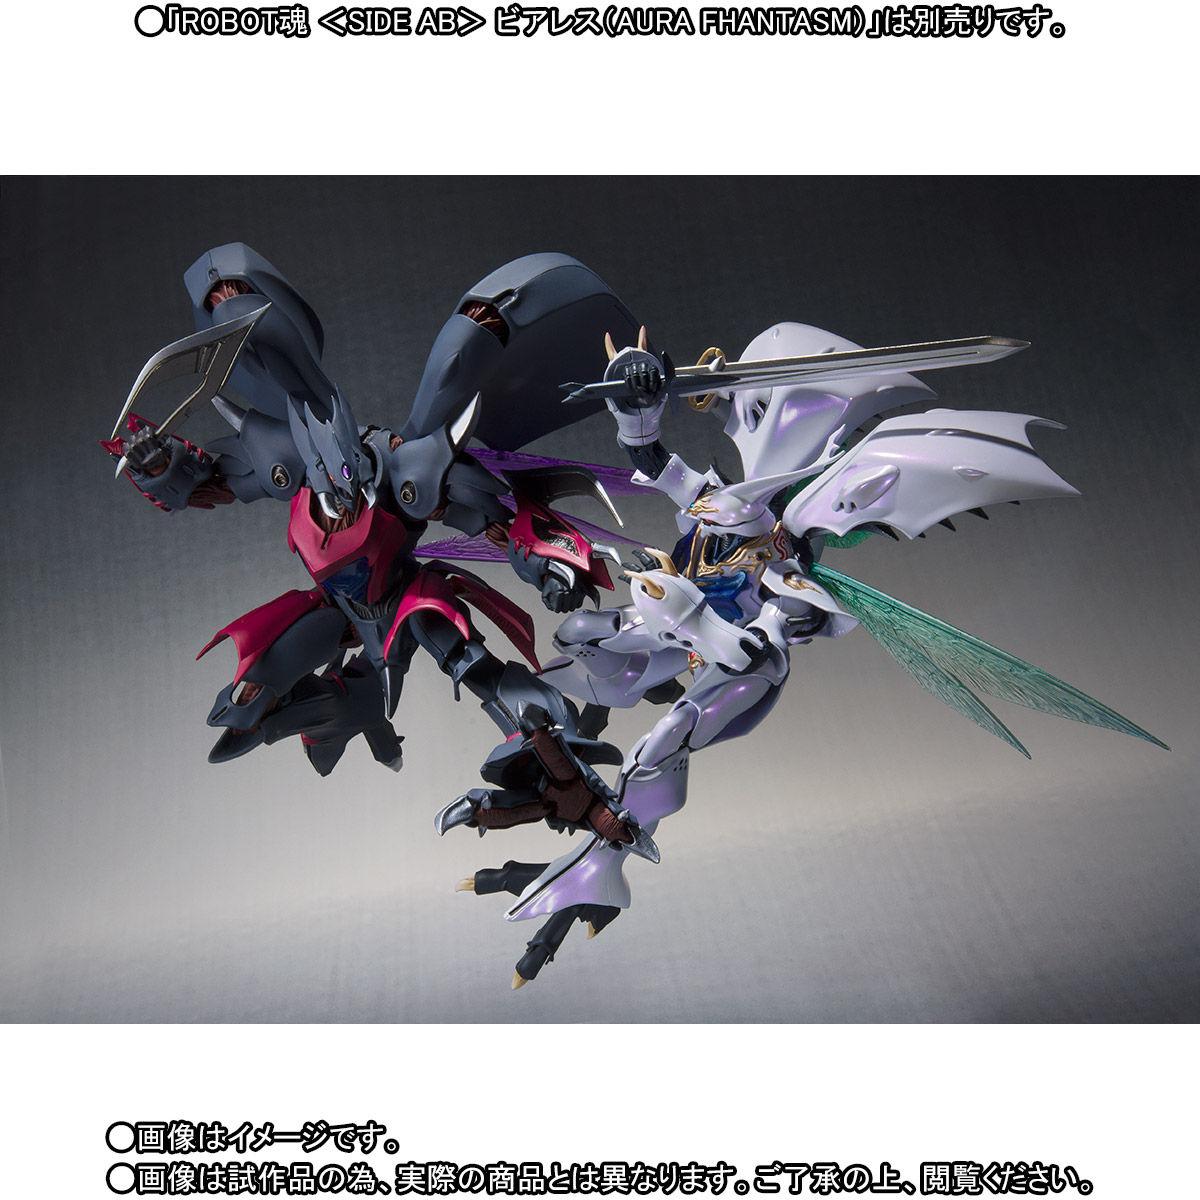 【限定販売】ROBOT魂〈SIDE AB〉『サーバイン(PEARL FINISH Ver.)』可動フィギュア-009